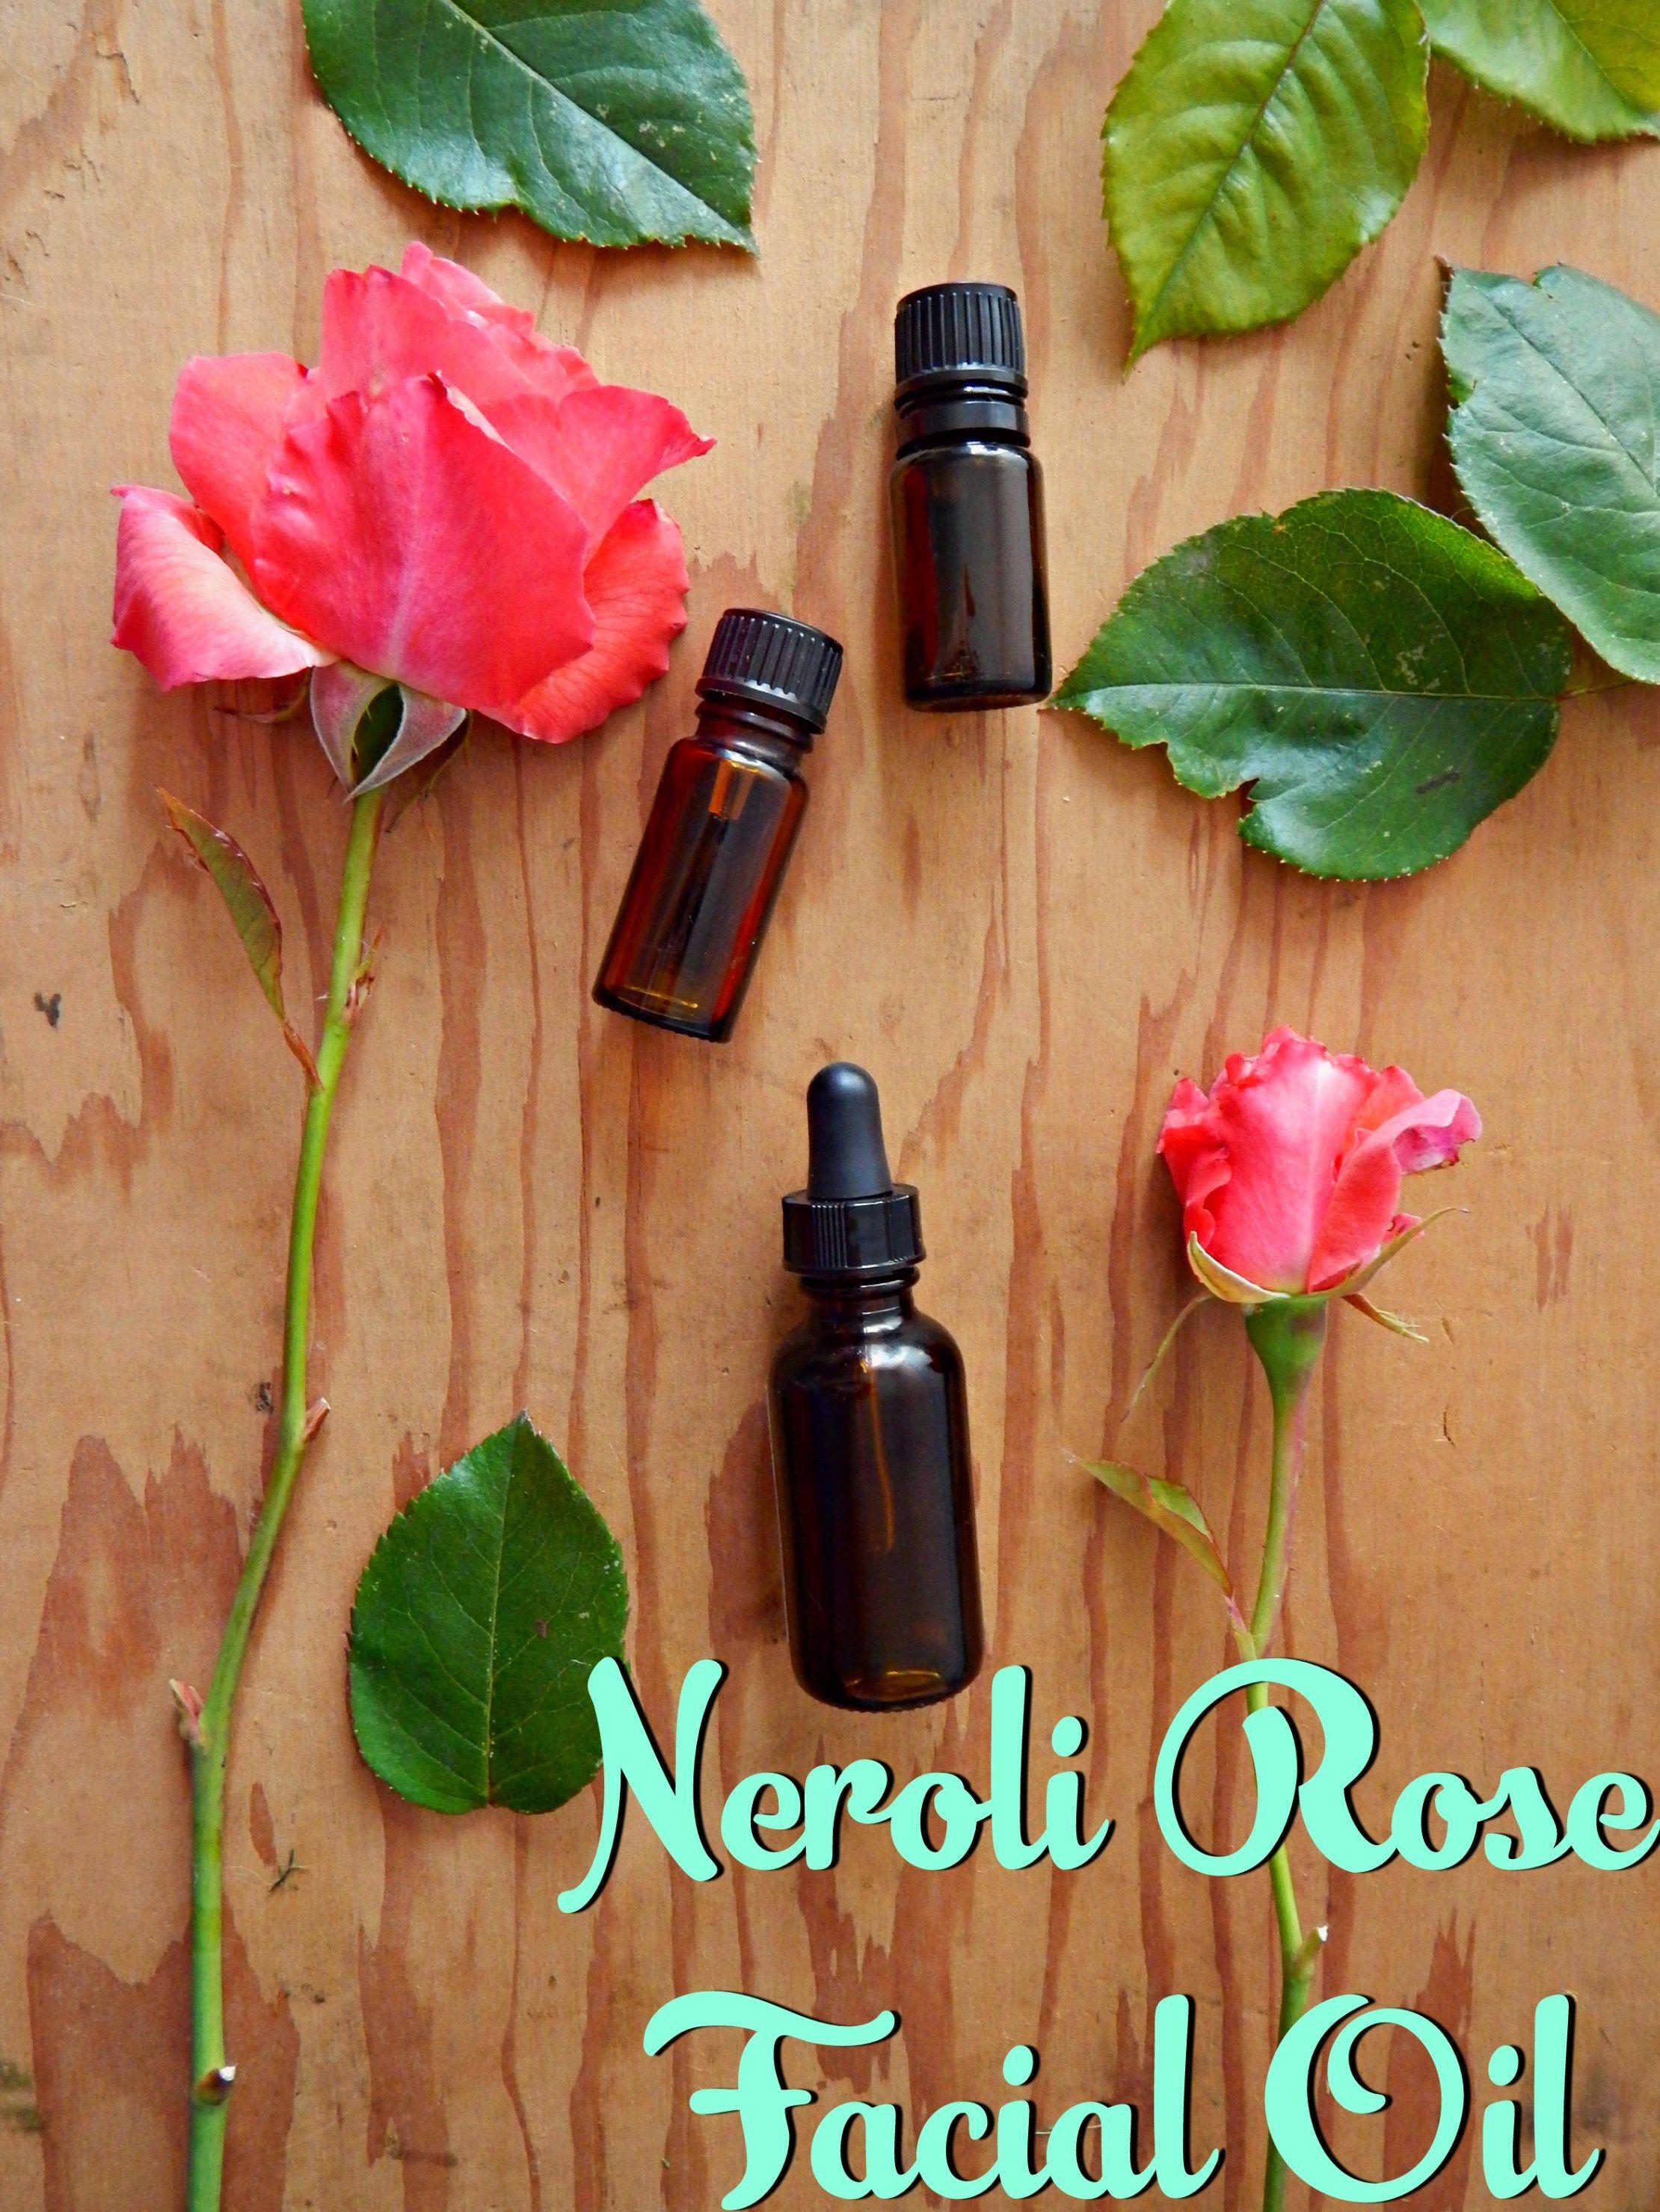 Homemade neroli rose facial oil facial oil oil